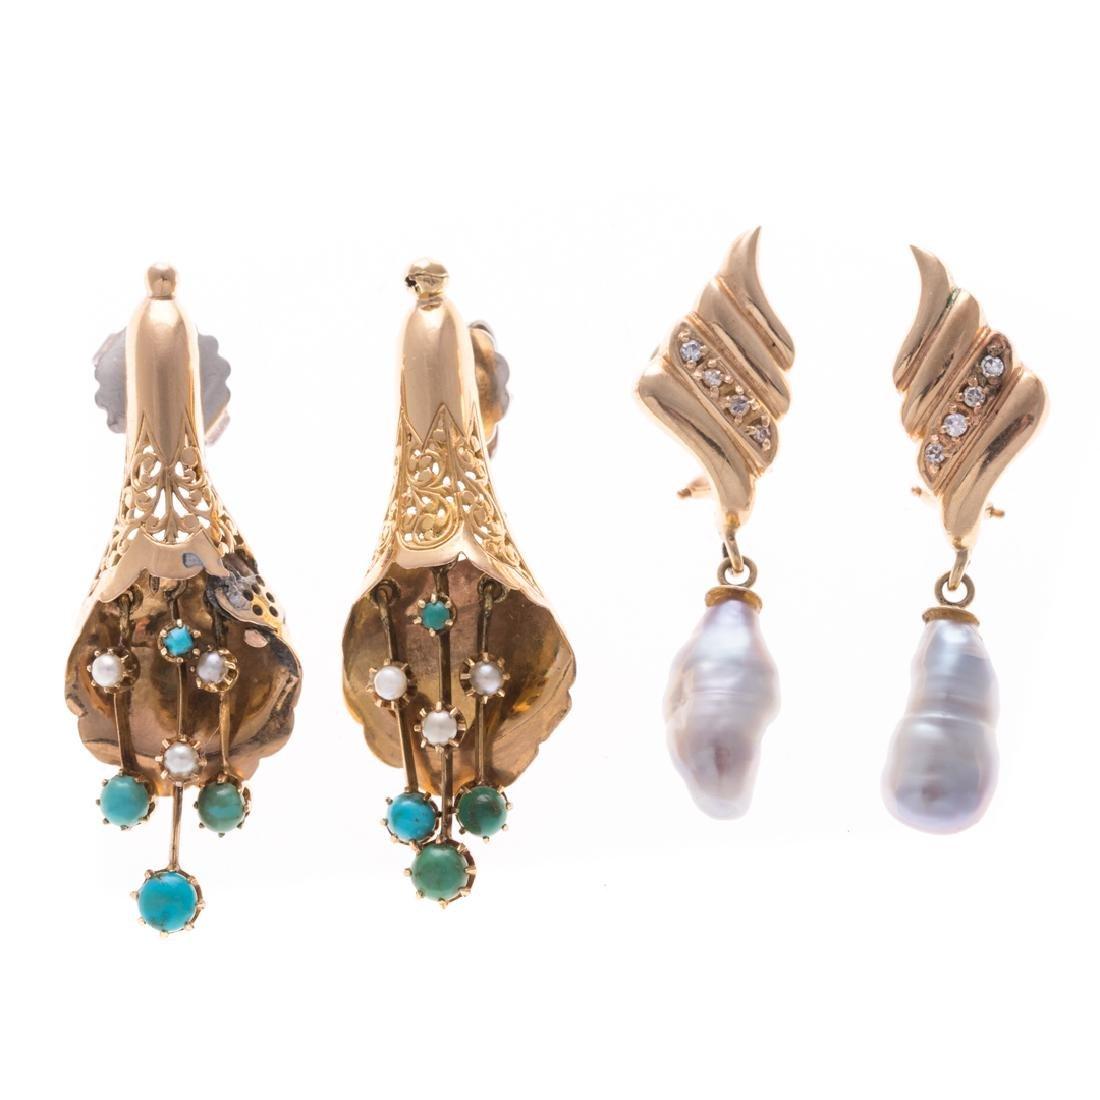 Two Pairs of Vintage Gemstone Earrings in Gold